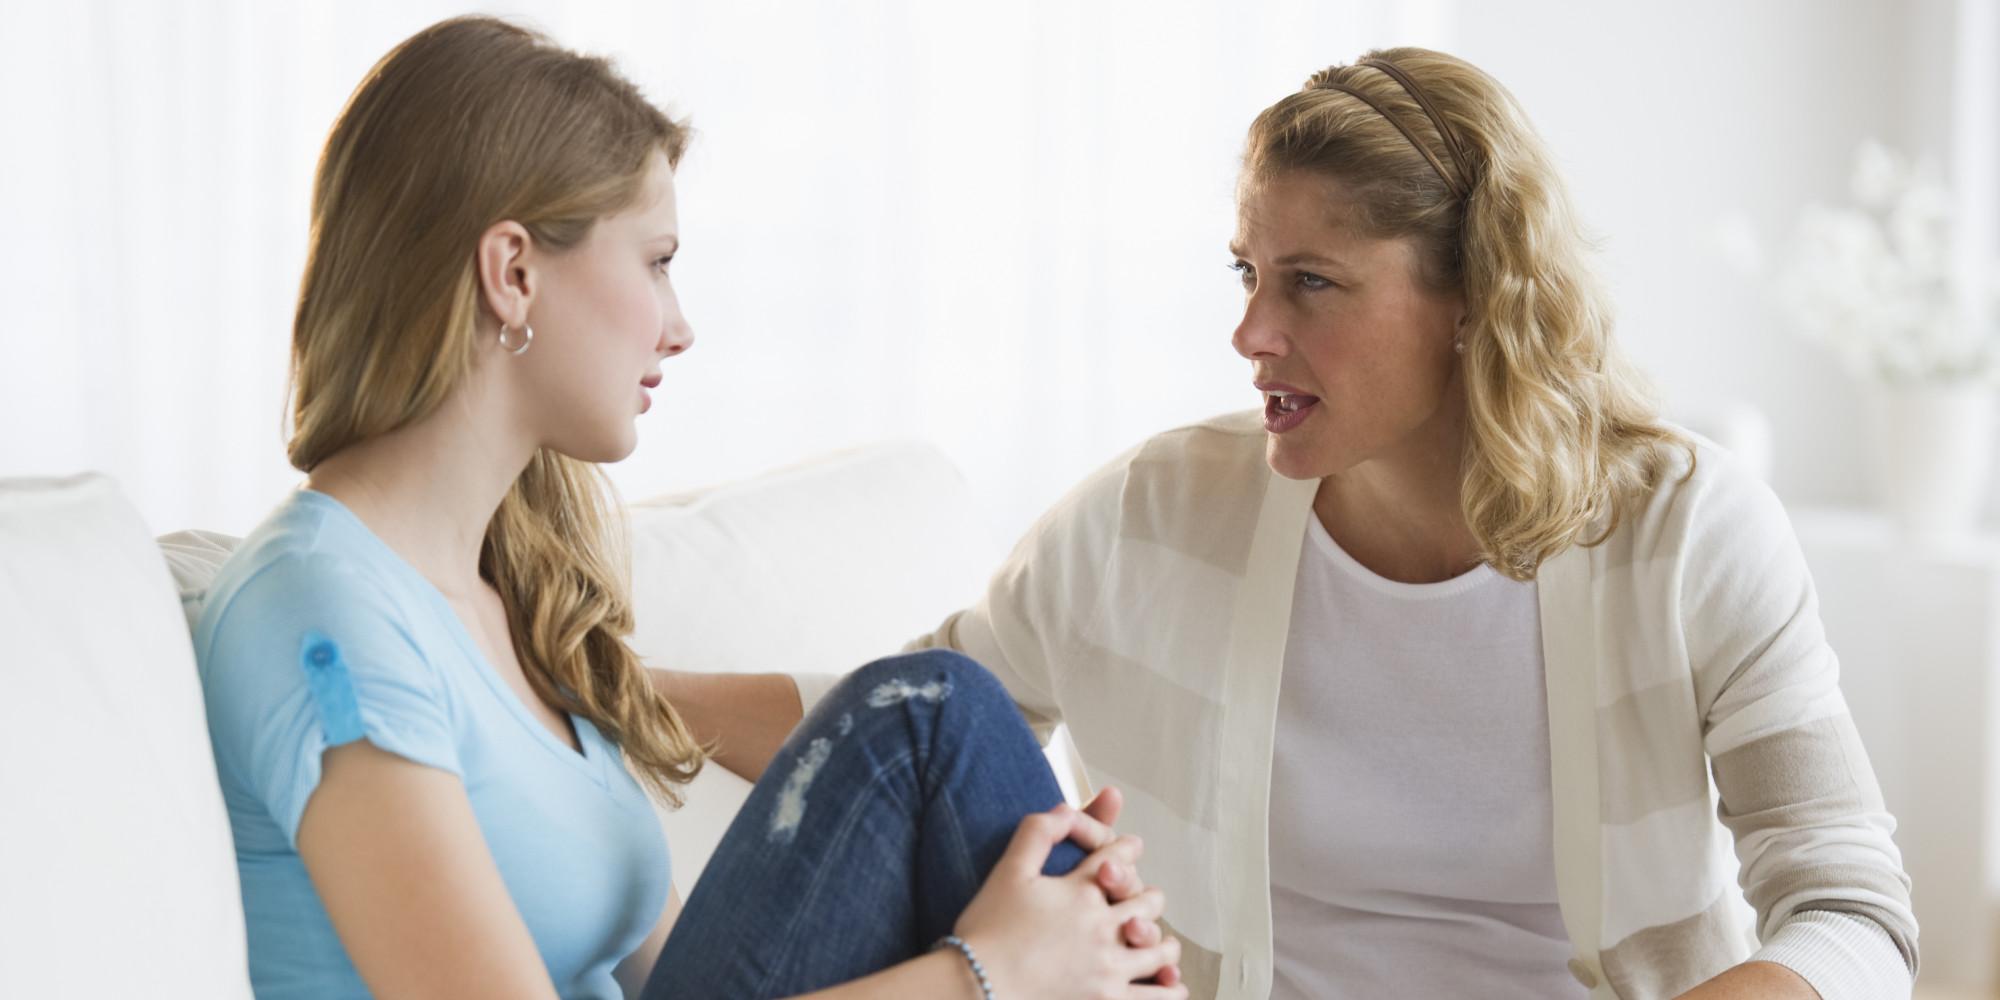 Sa vorbim despre adolescenta